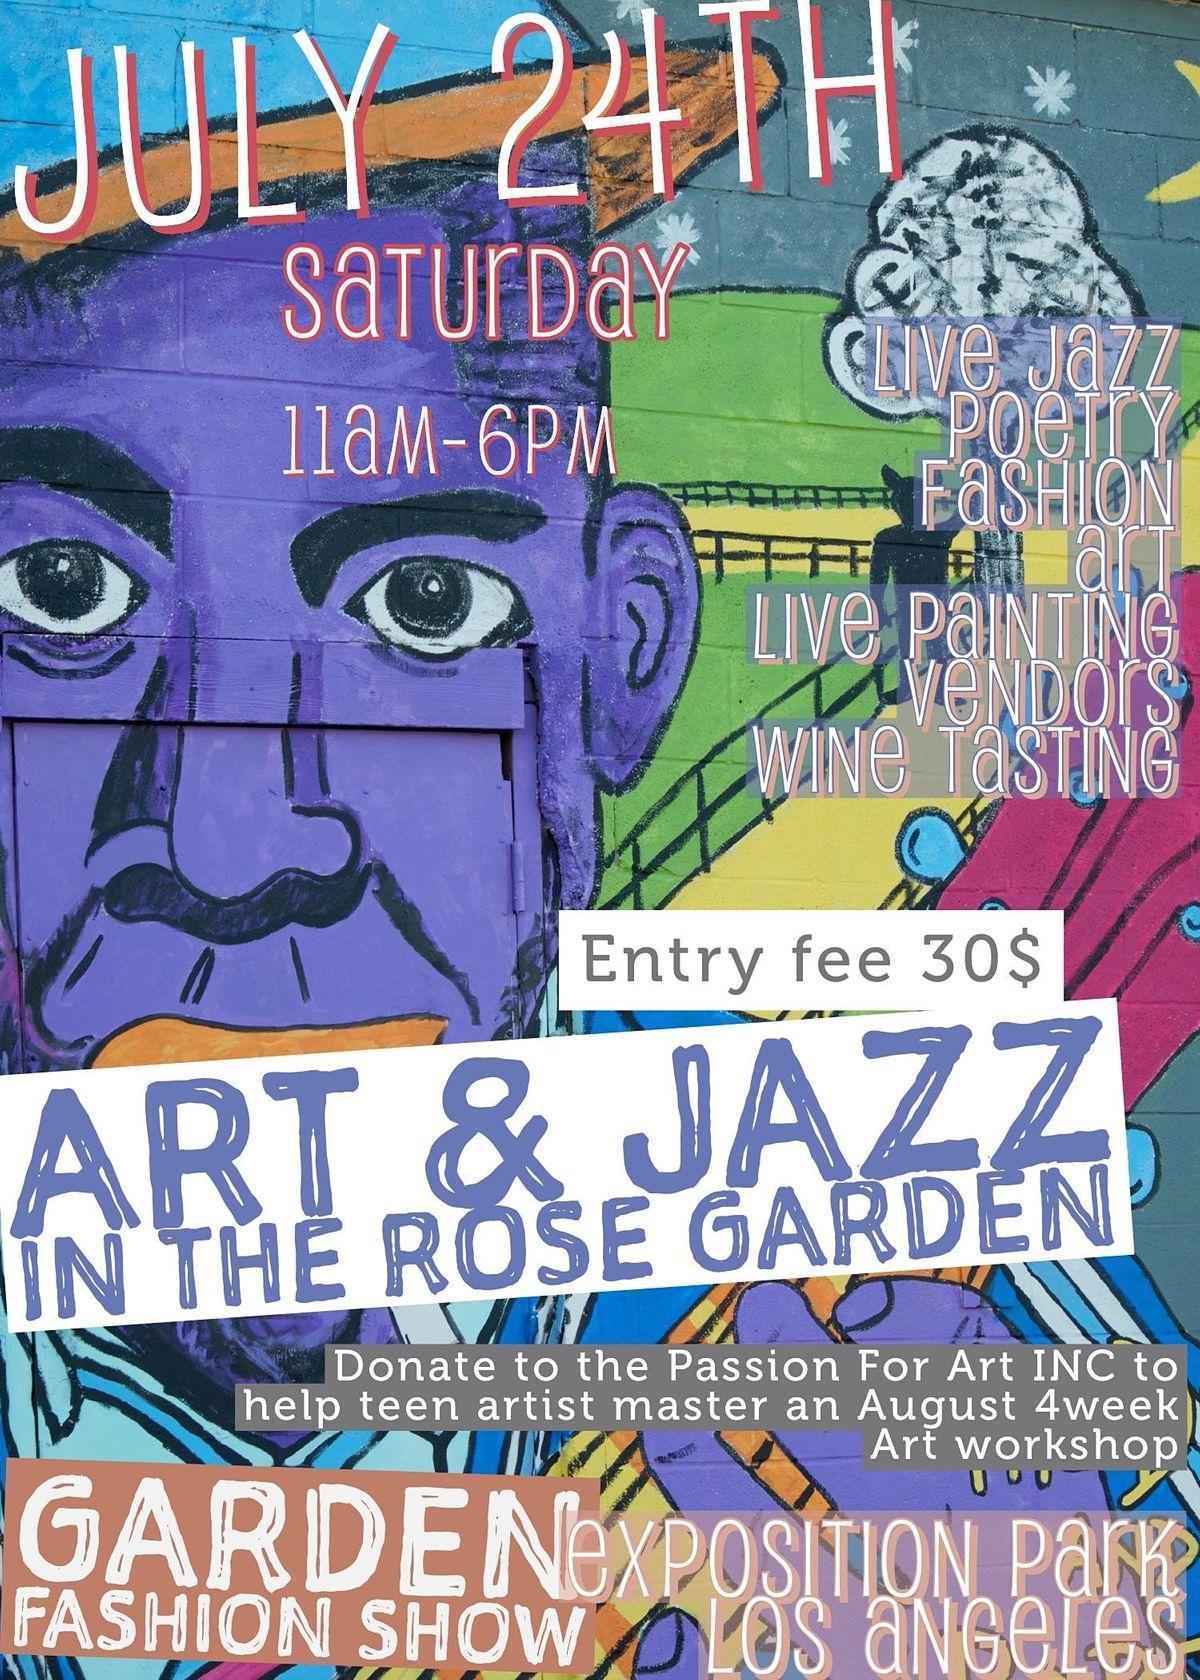 Art & Jazz in the Rose Garden featuring Dysonna Garden Fashion Show